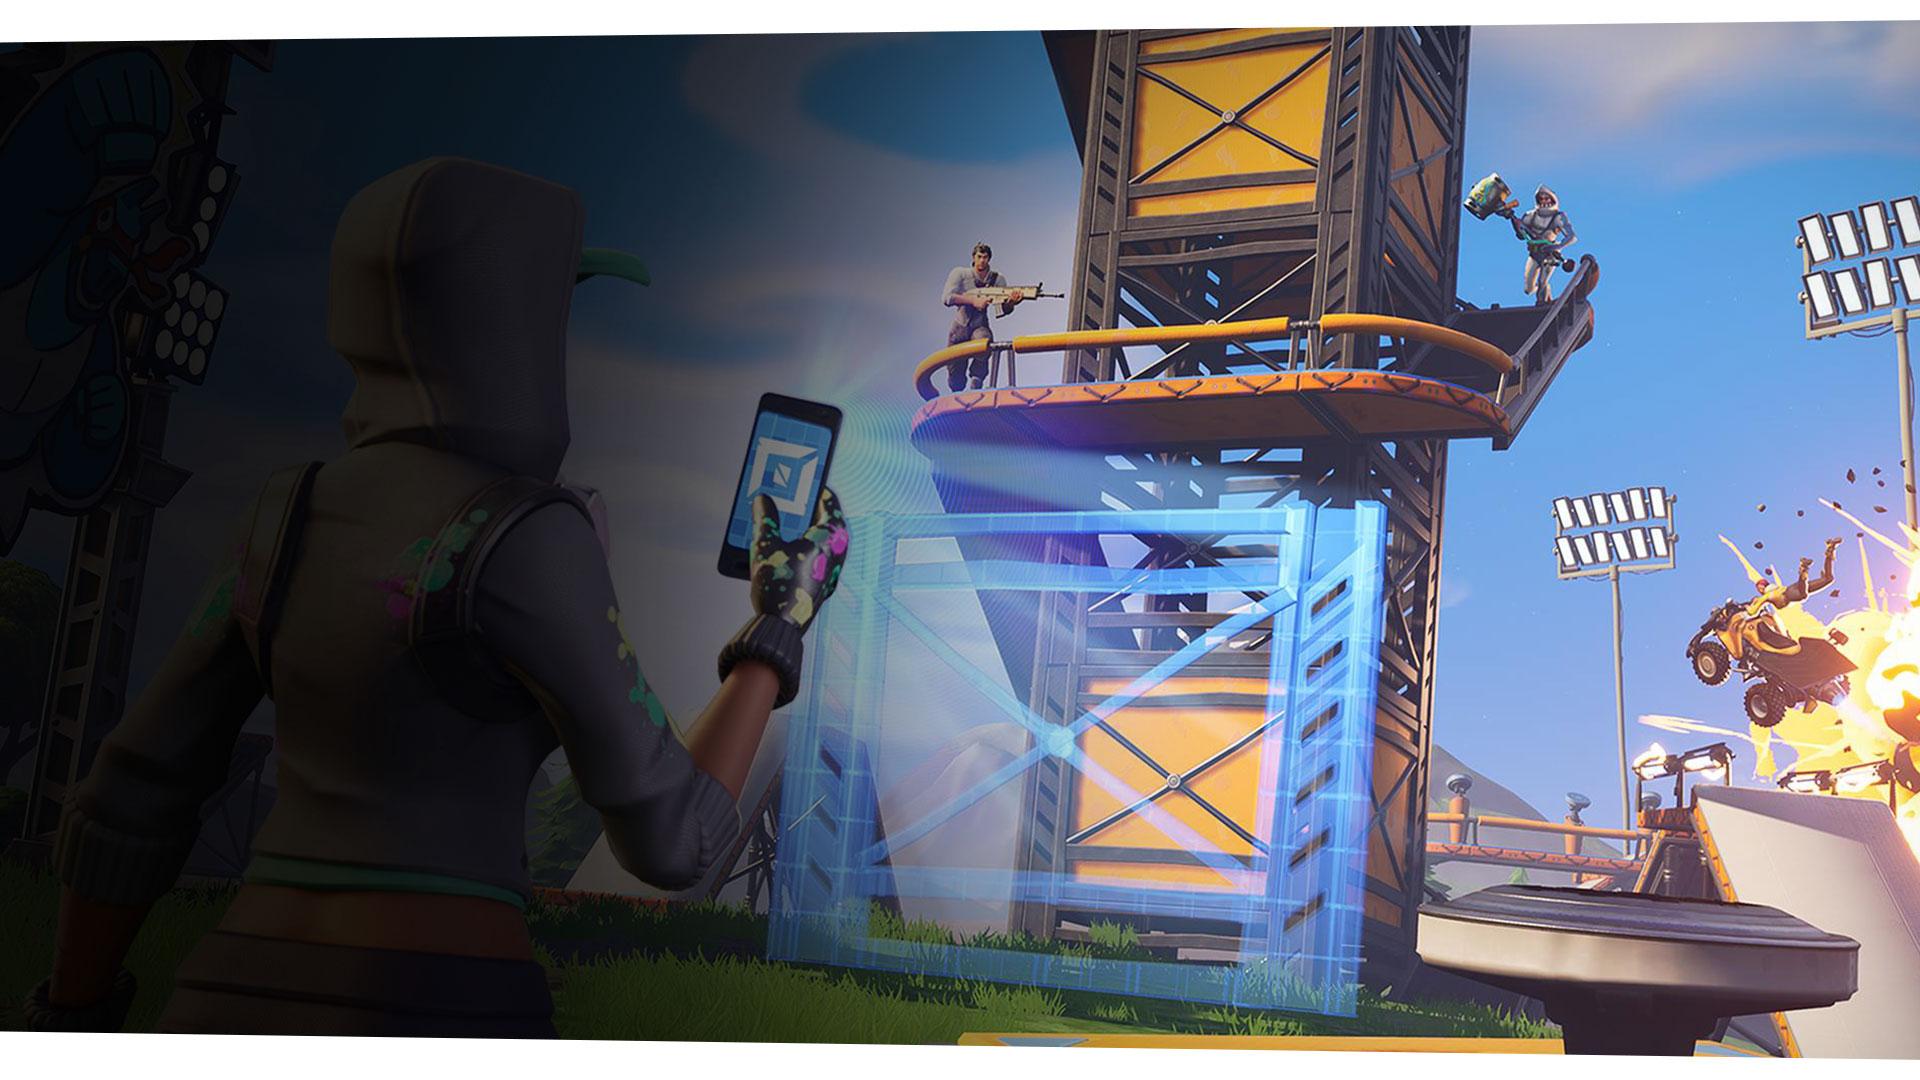 Un personaggio femminile di Fortnite usa il suo dispositivo mobile per creare un'impalcatura